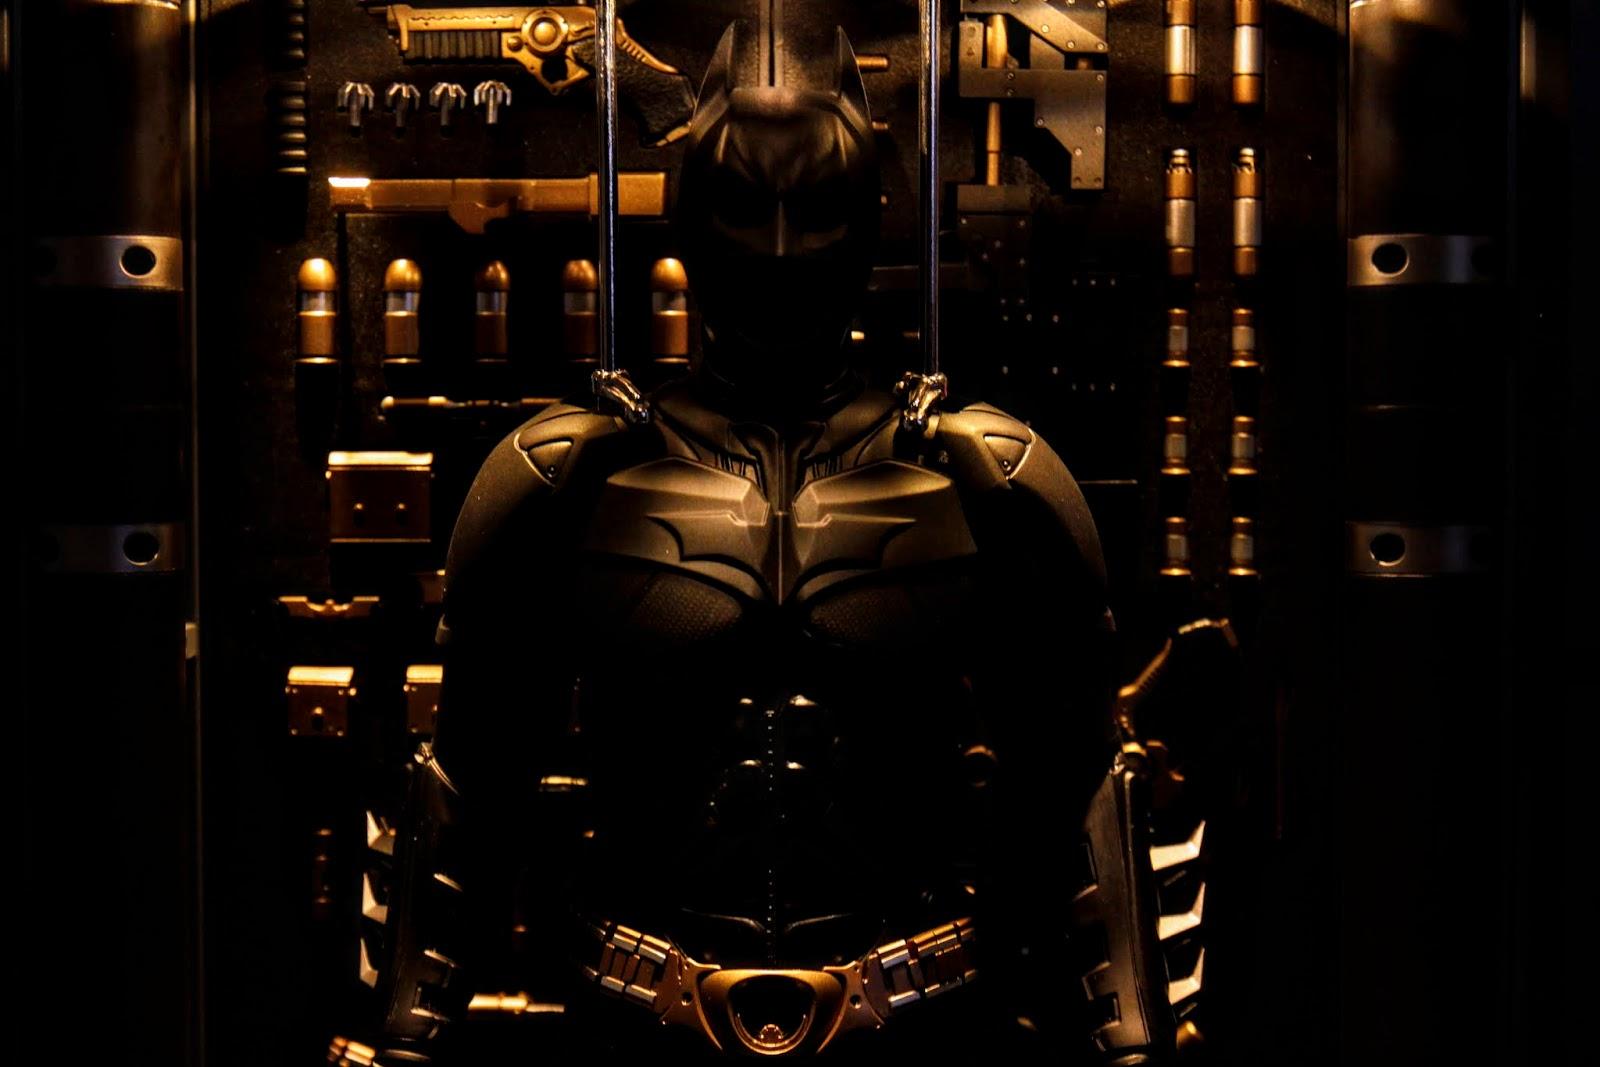 掛在上面的蝙蝠裝還是不要脫掉衛生衣才會有精壯的感覺